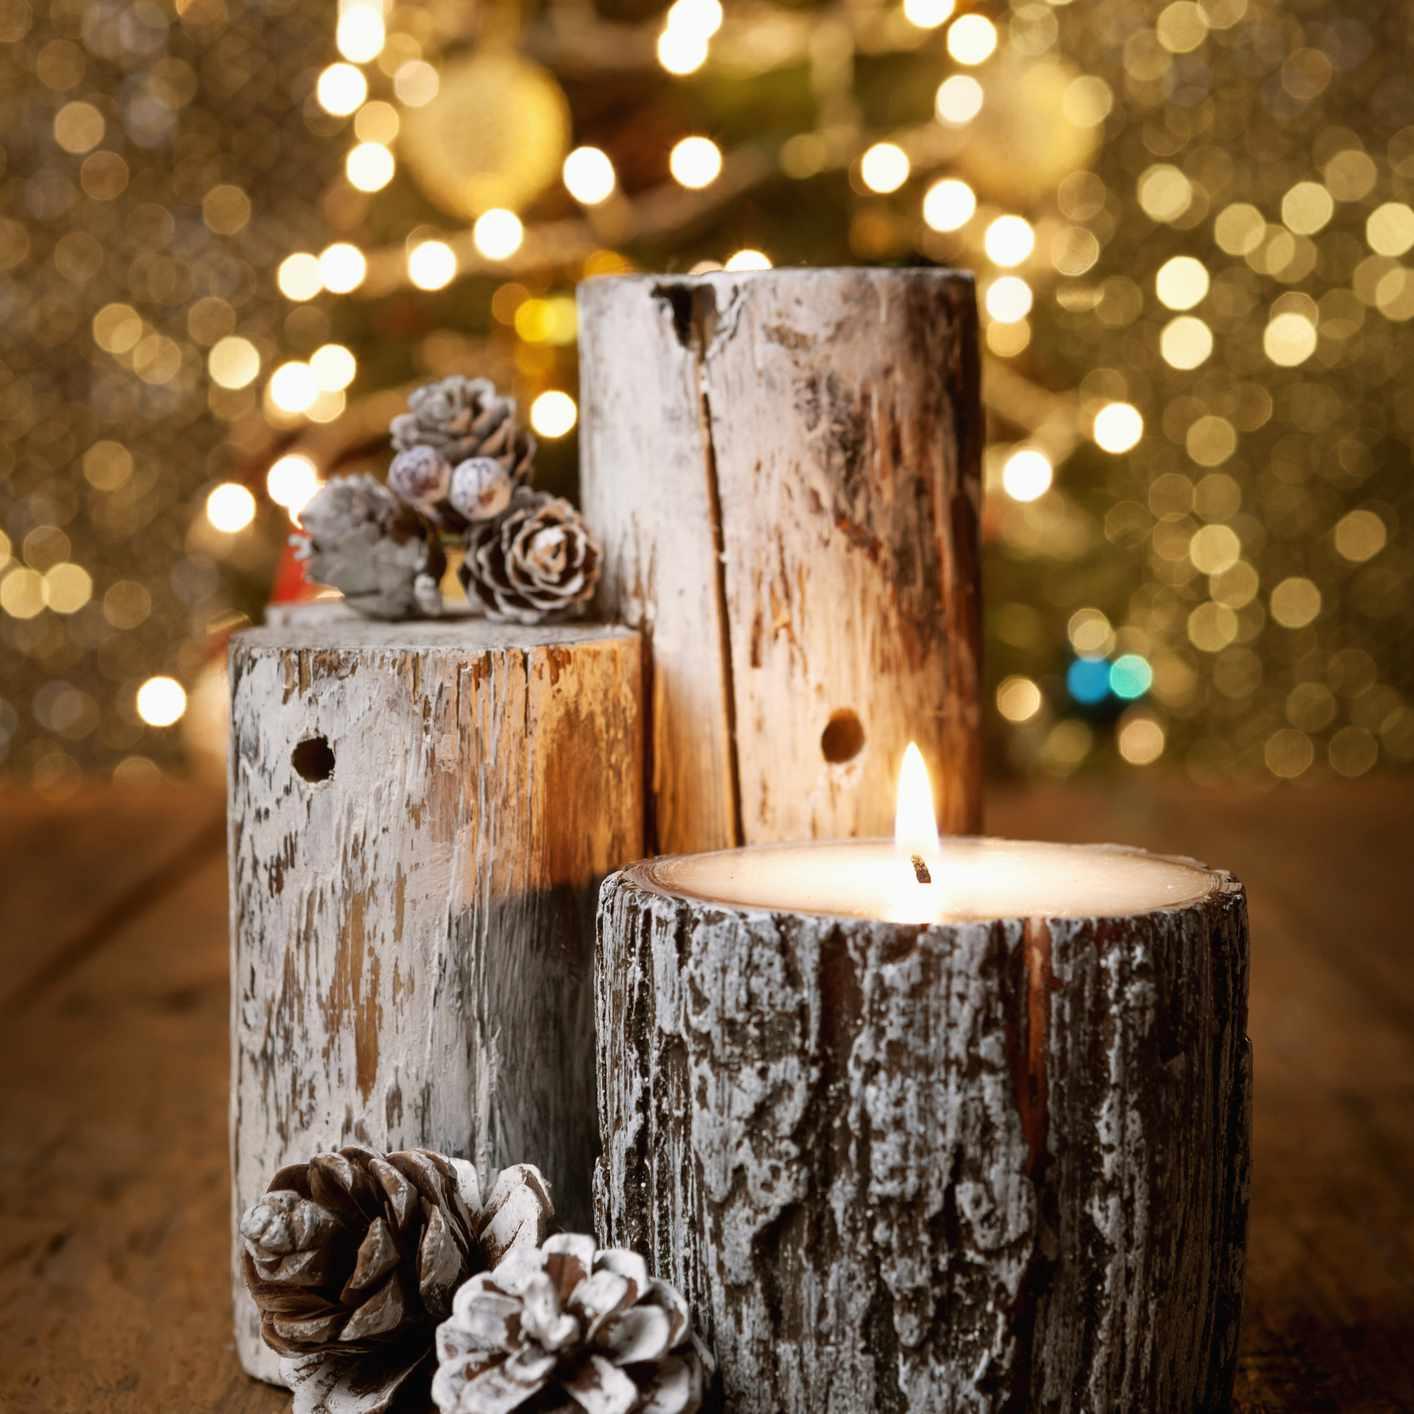 Festive wood candles